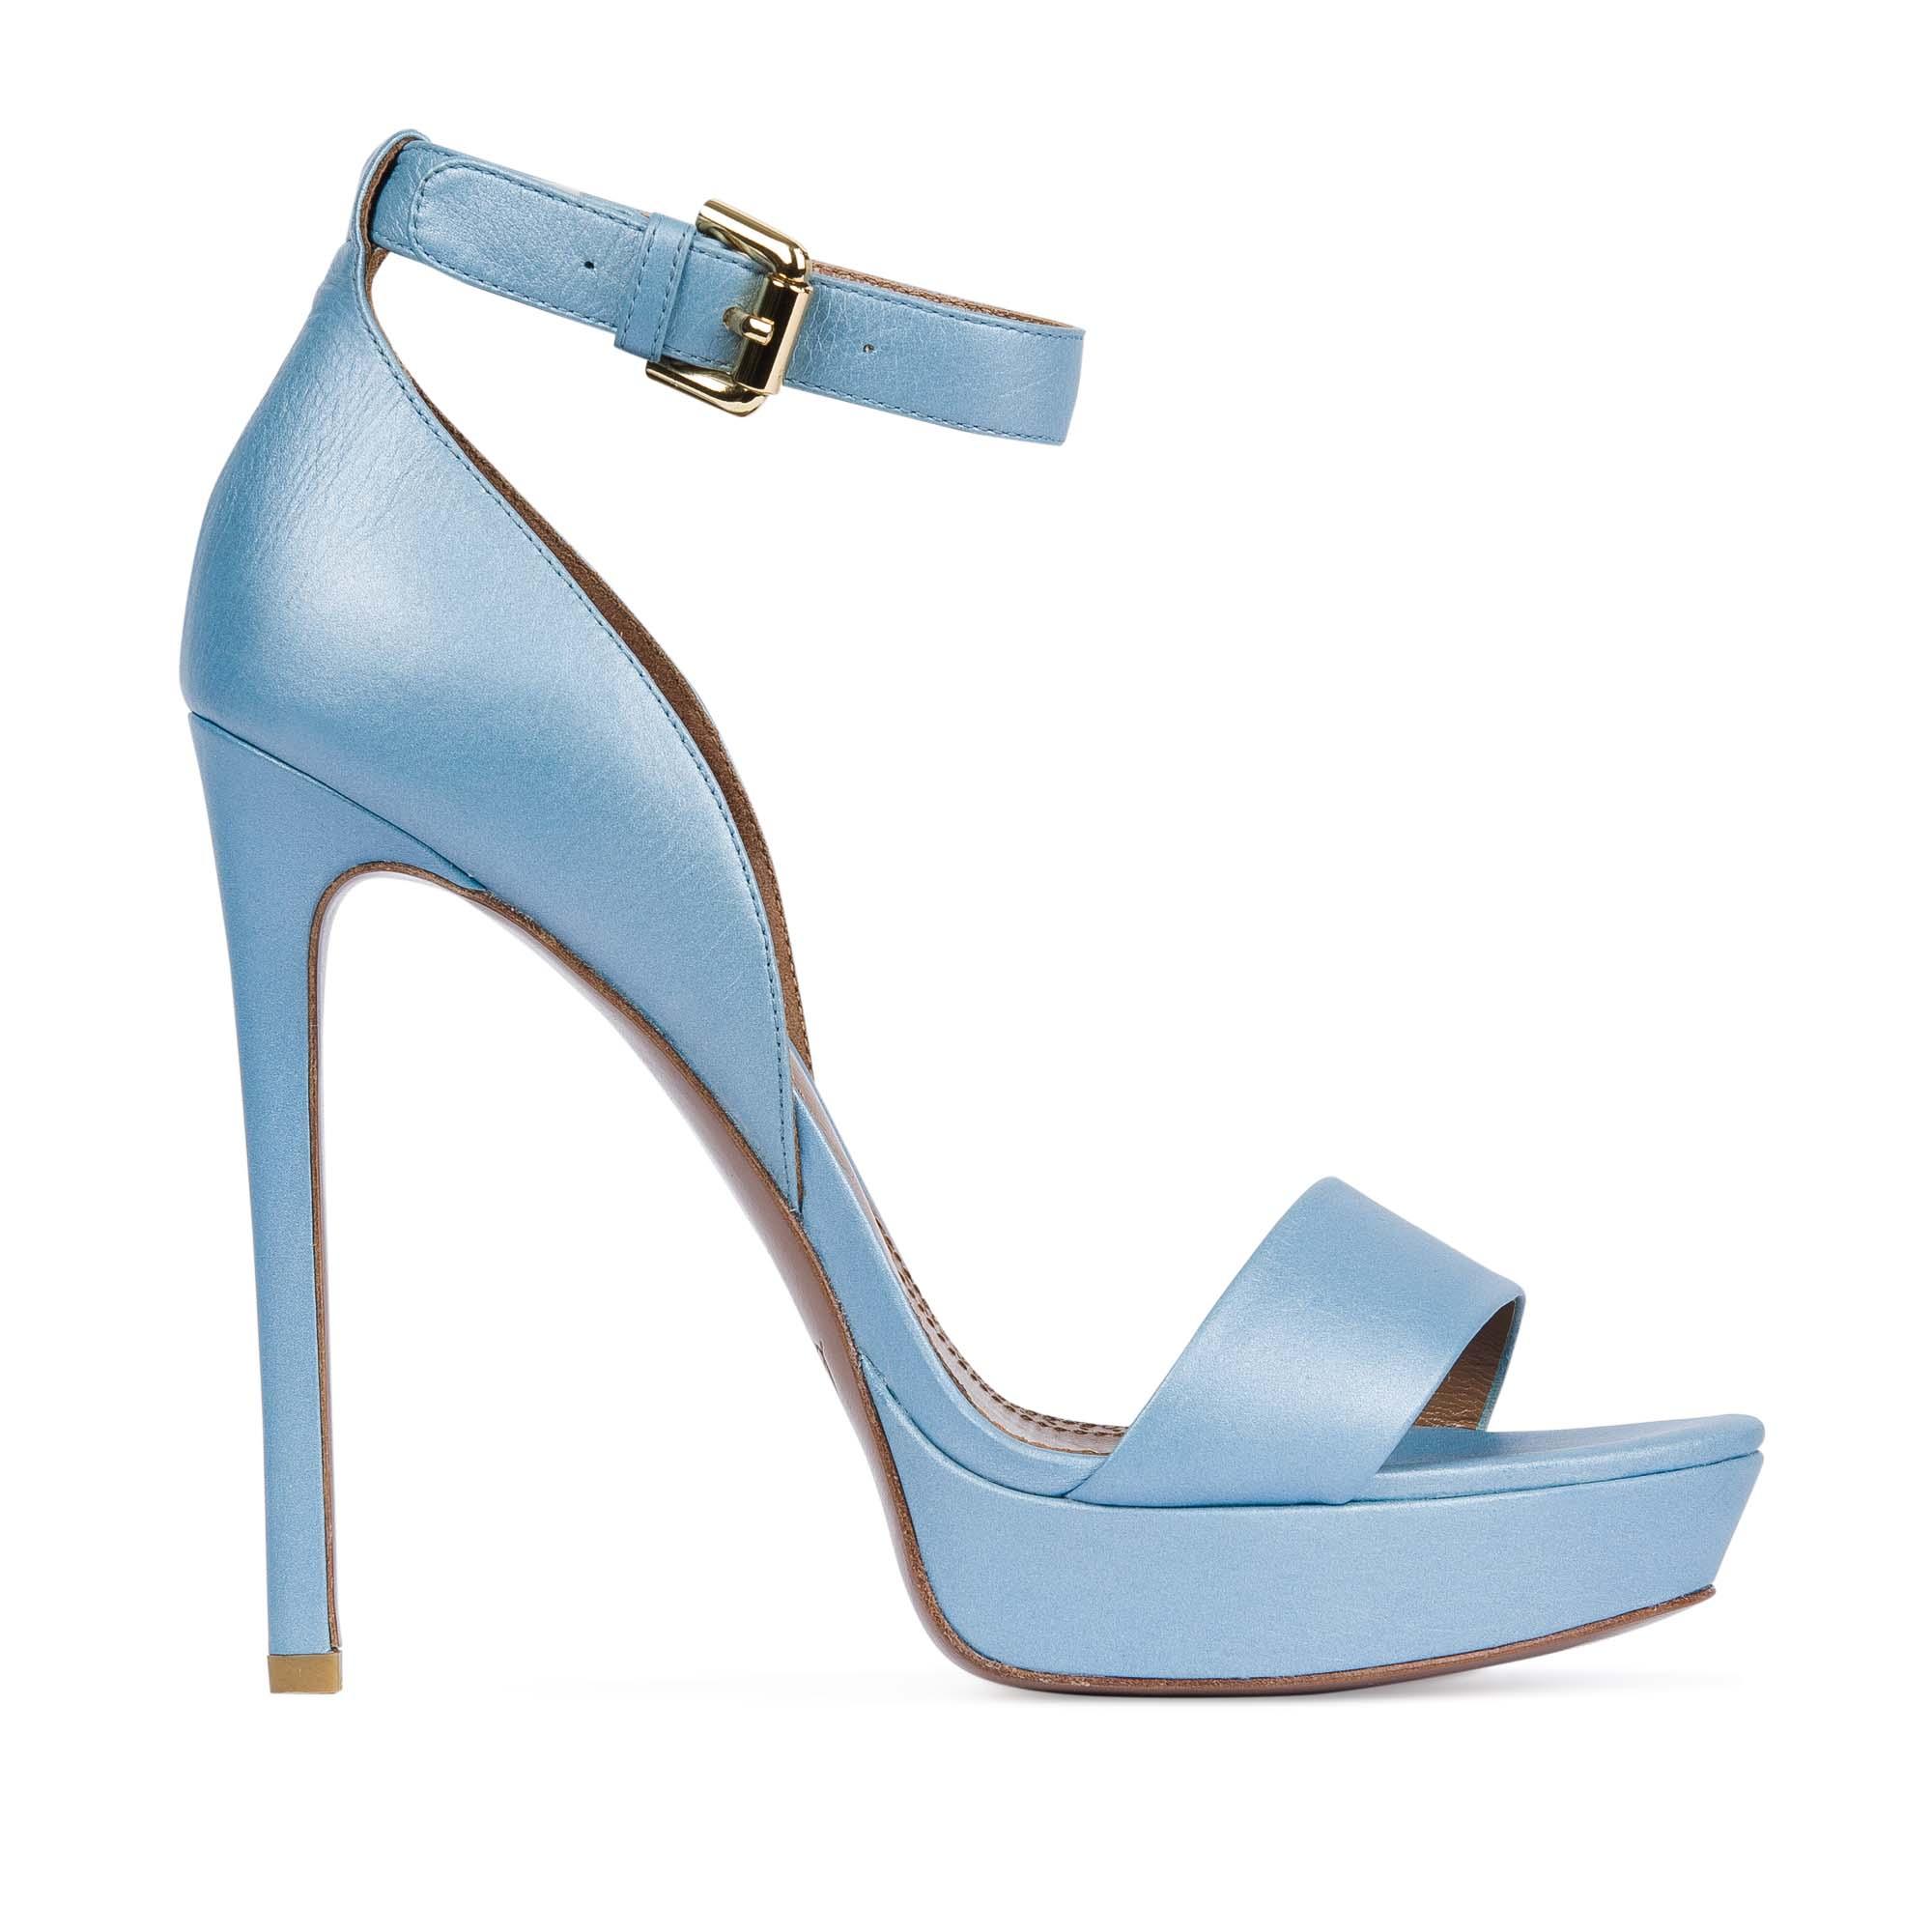 Босоножки небесно-голубого цвета с ремешкомТуфли женские<br><br>Материал верха: Кожа<br>Материал подкладки: Кожа<br>Материал подошвы: Кожа<br>Цвет: Голубой<br>Высота каблука: 13 см<br>Дизайн: Италия<br>Страна производства: Китай<br><br>Высота каблука: 13 см<br>Материал верха: Кожа<br>Материал подкладки: Кожа<br>Цвет: Голубой<br>Вес кг: 0.50800000<br>Выберите размер обуви: 37**